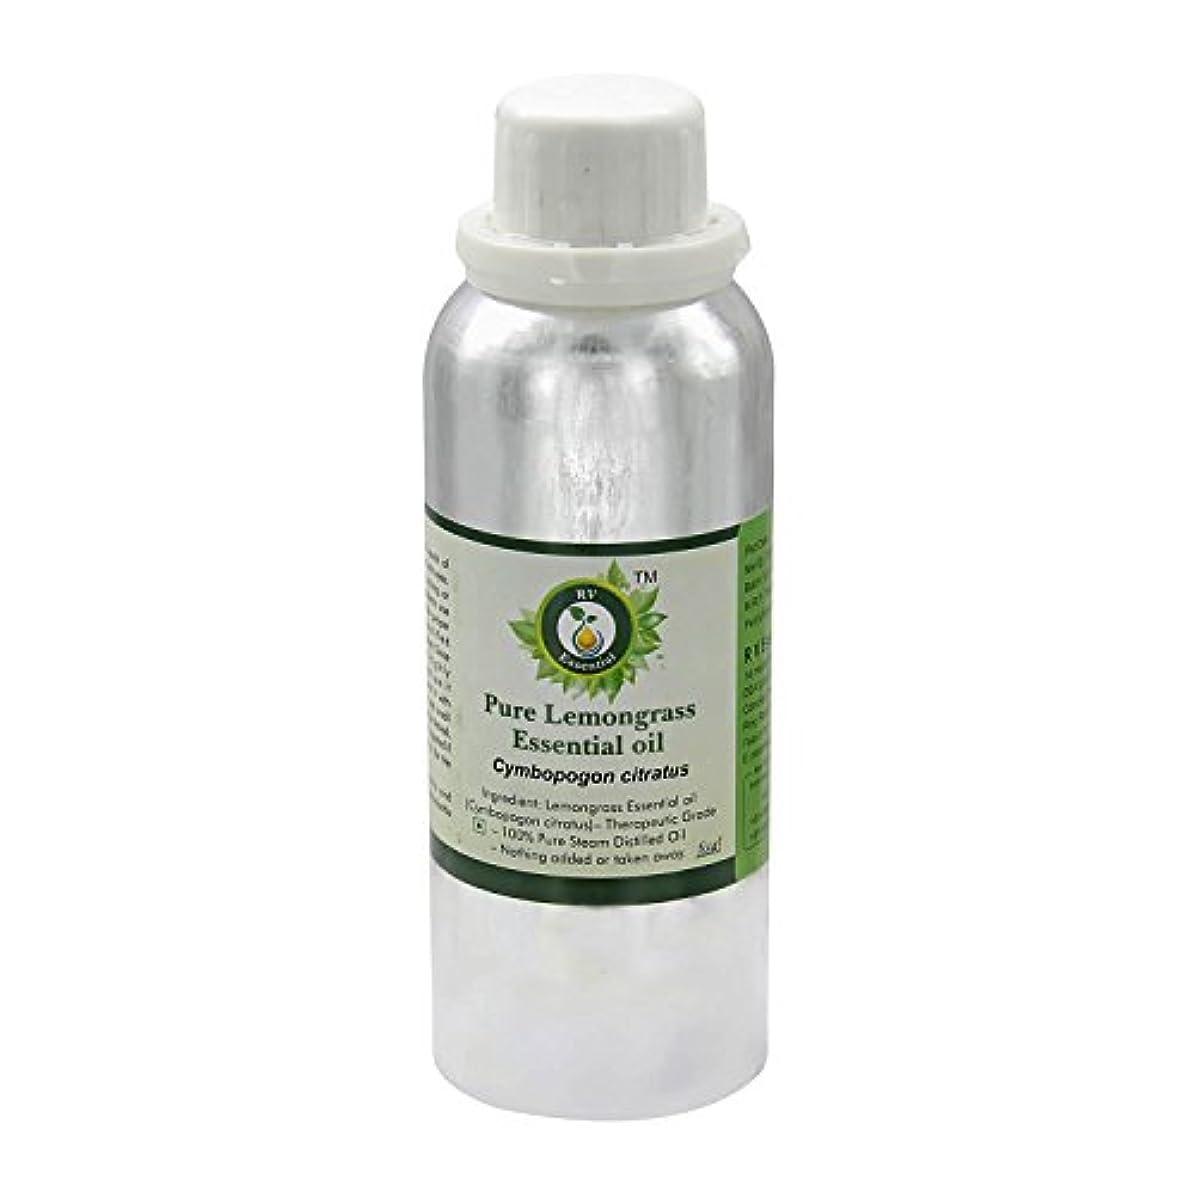 セーブ櫛デイジーR V Essential ピュアレモングラスエッセンシャルオイル300ml (10oz)- Cymbopogon Citratus (100%純粋&天然スチームDistilled) Pure Lemongrass Essential...